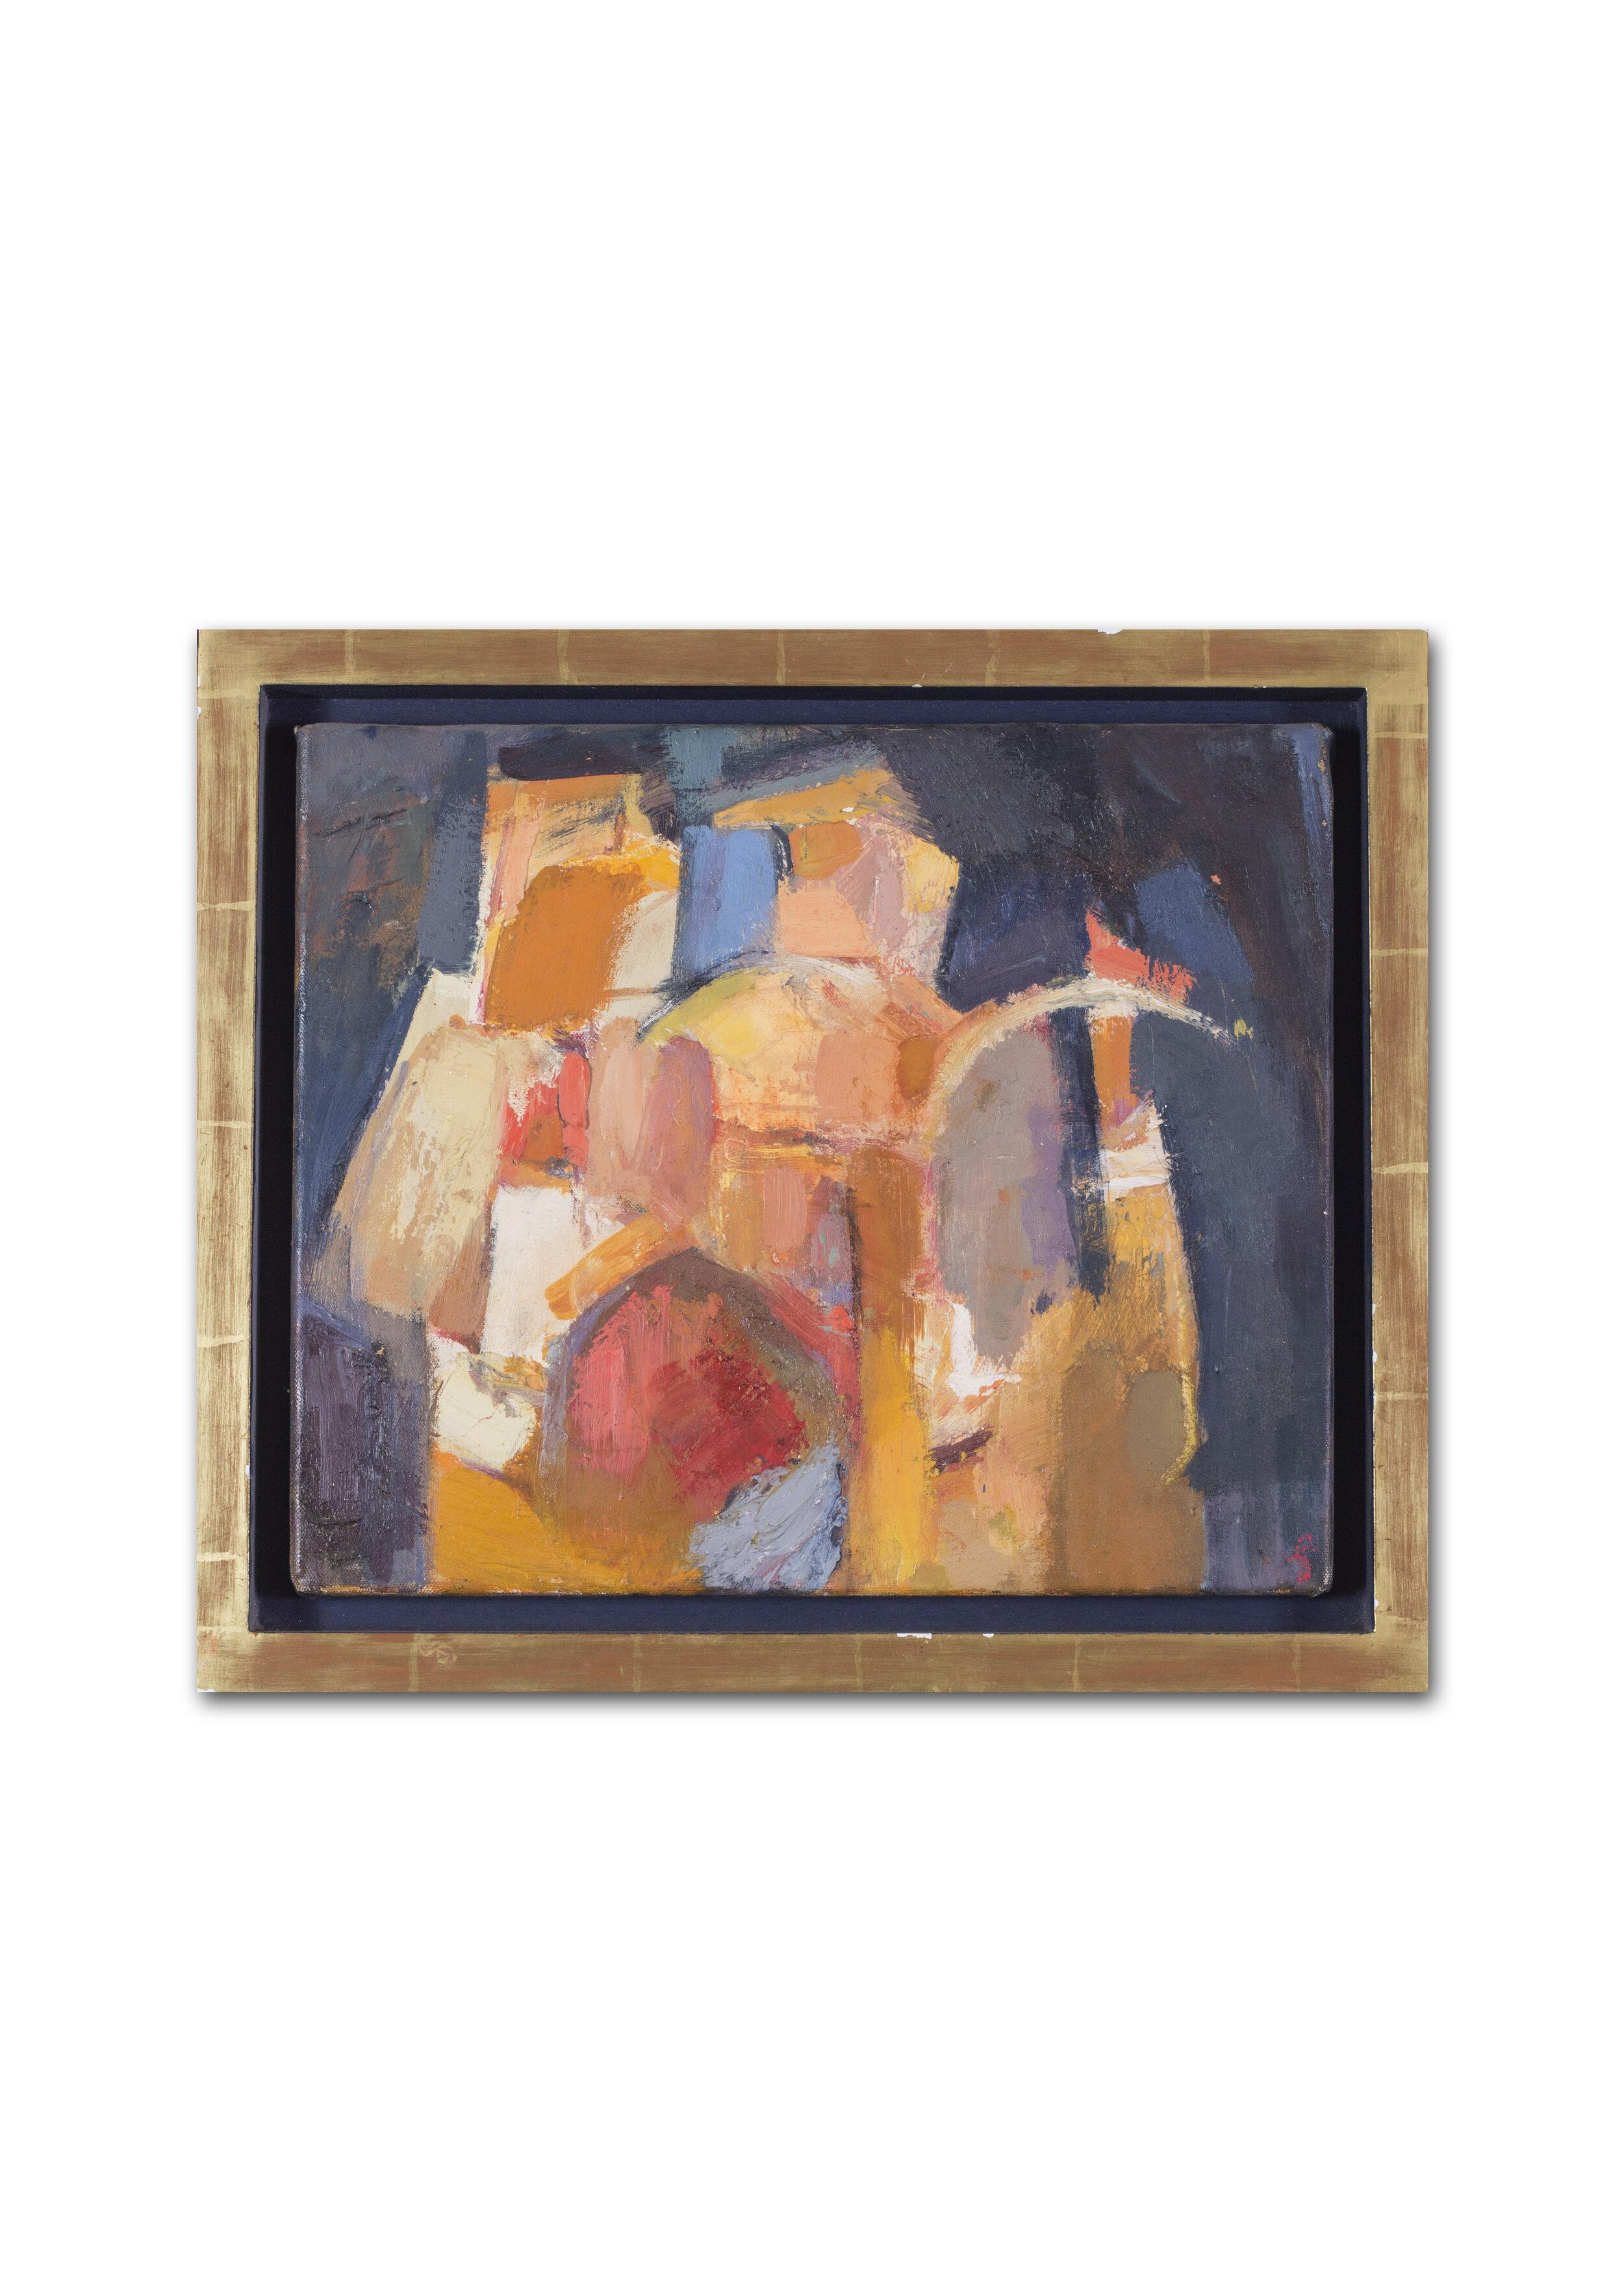 Juliet Schubart  Old City  Price: £900